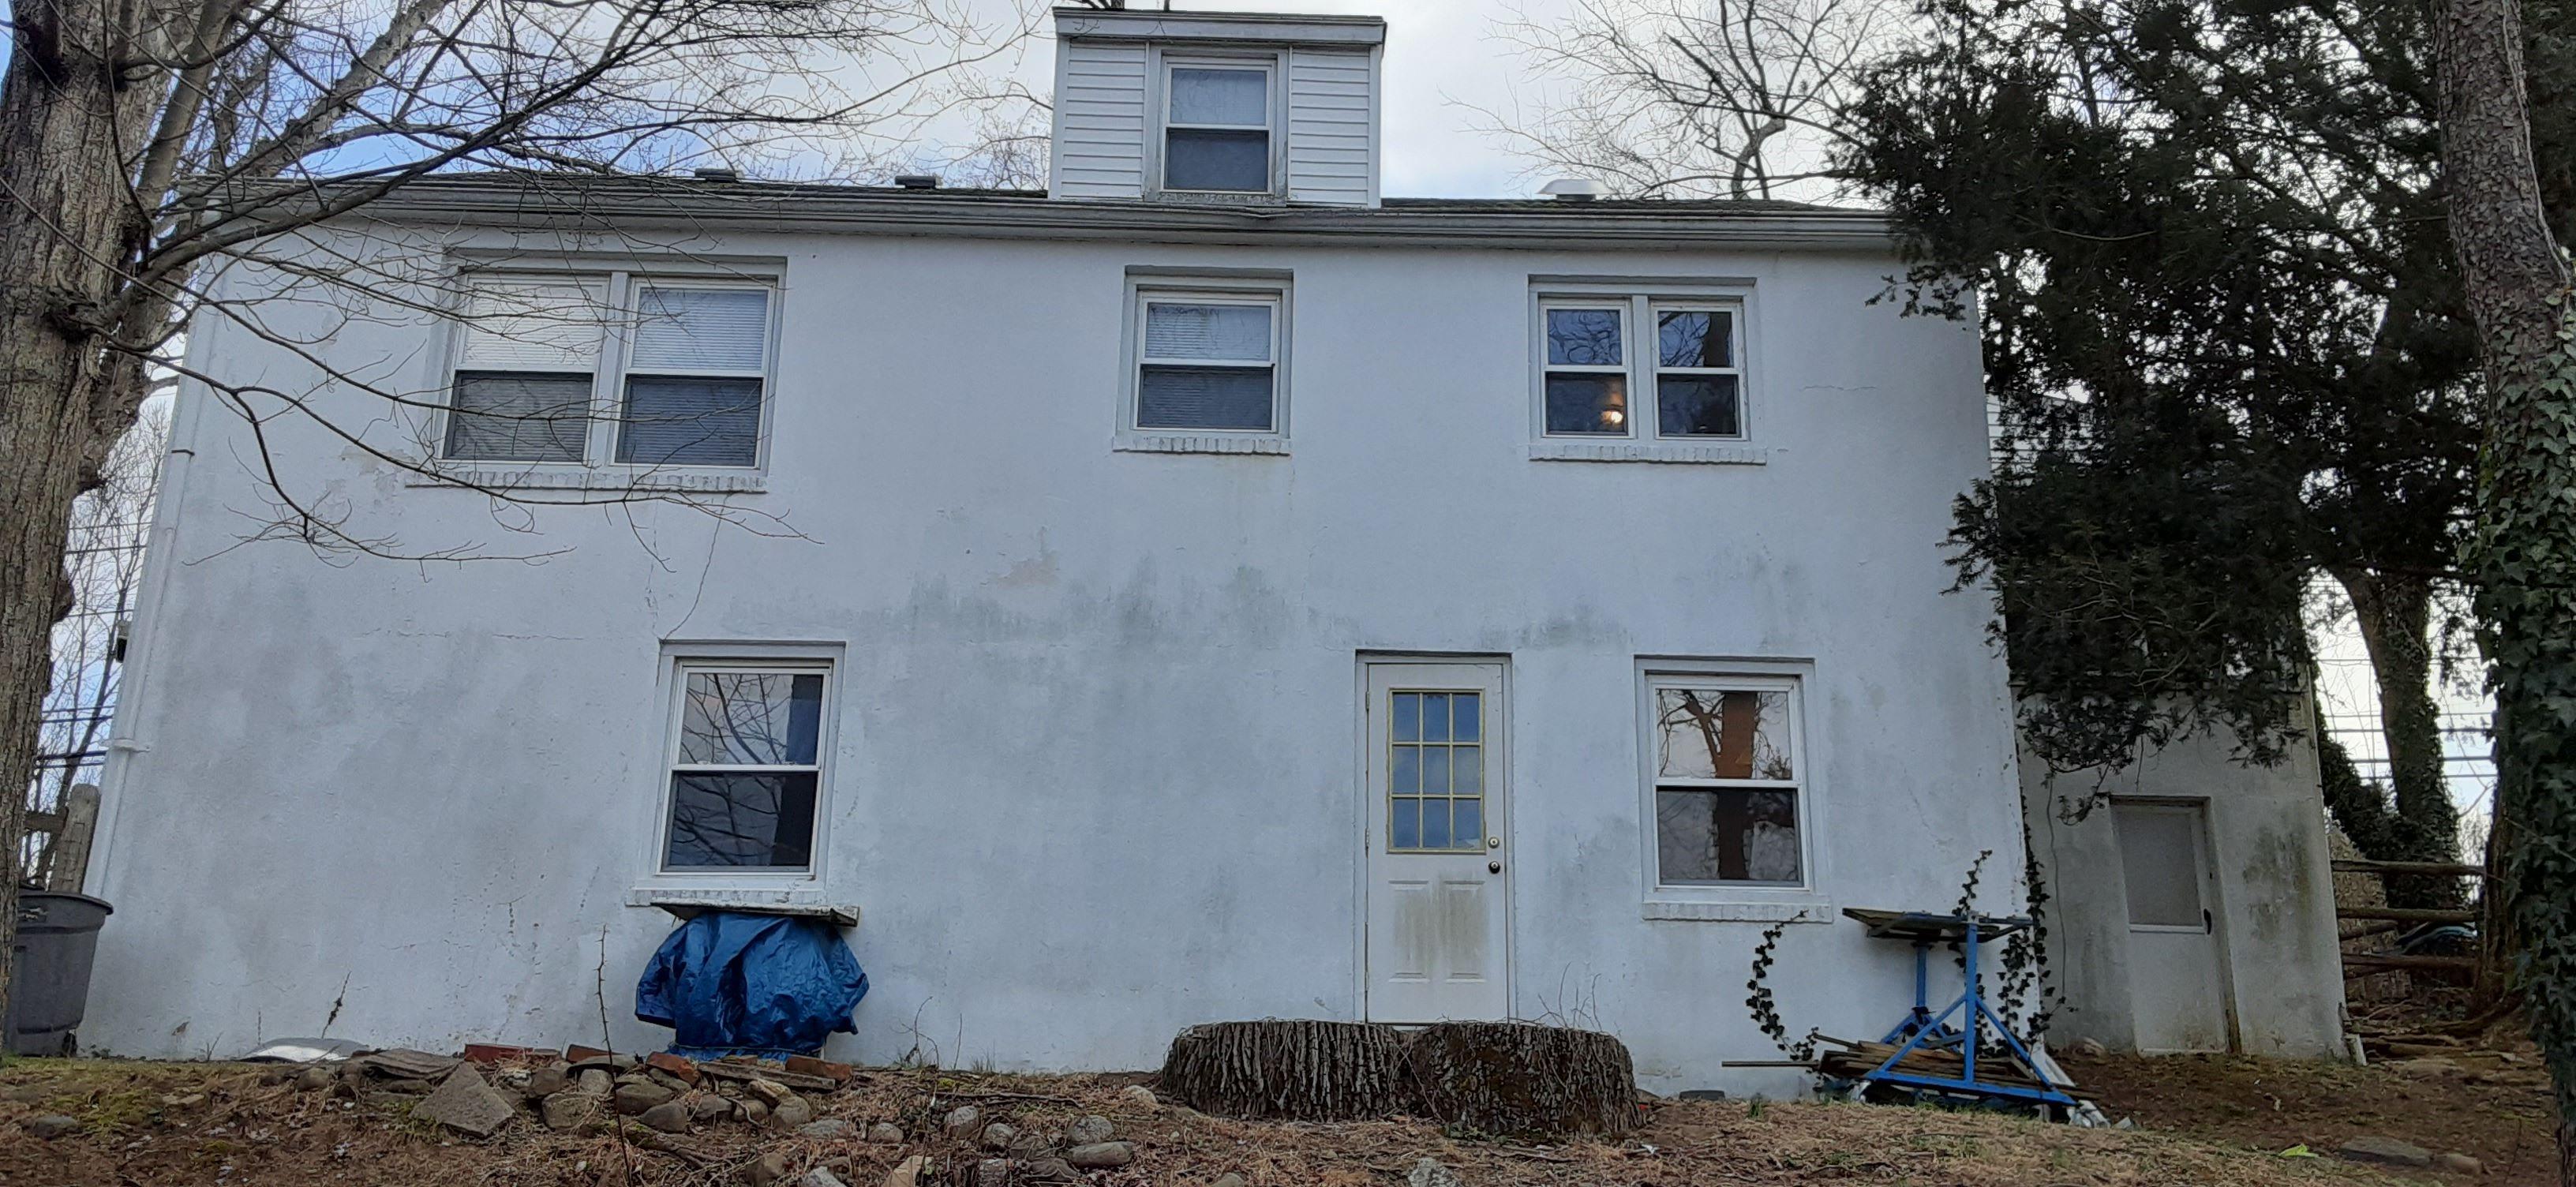 147 N Passaic Ave, Chatham, NJ